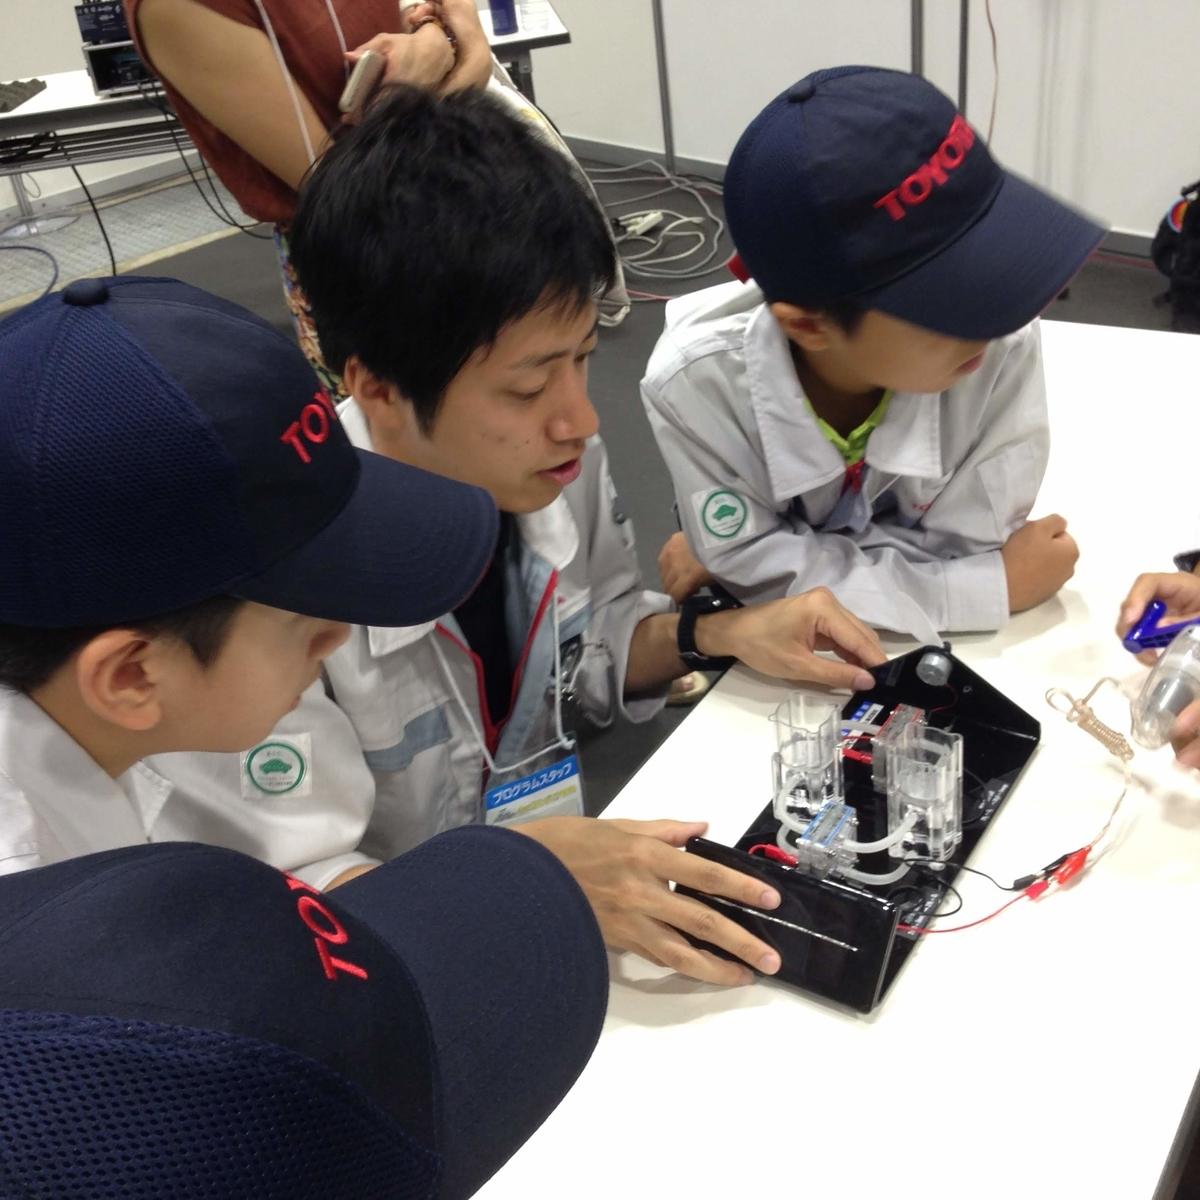 燃料電池模型での実験